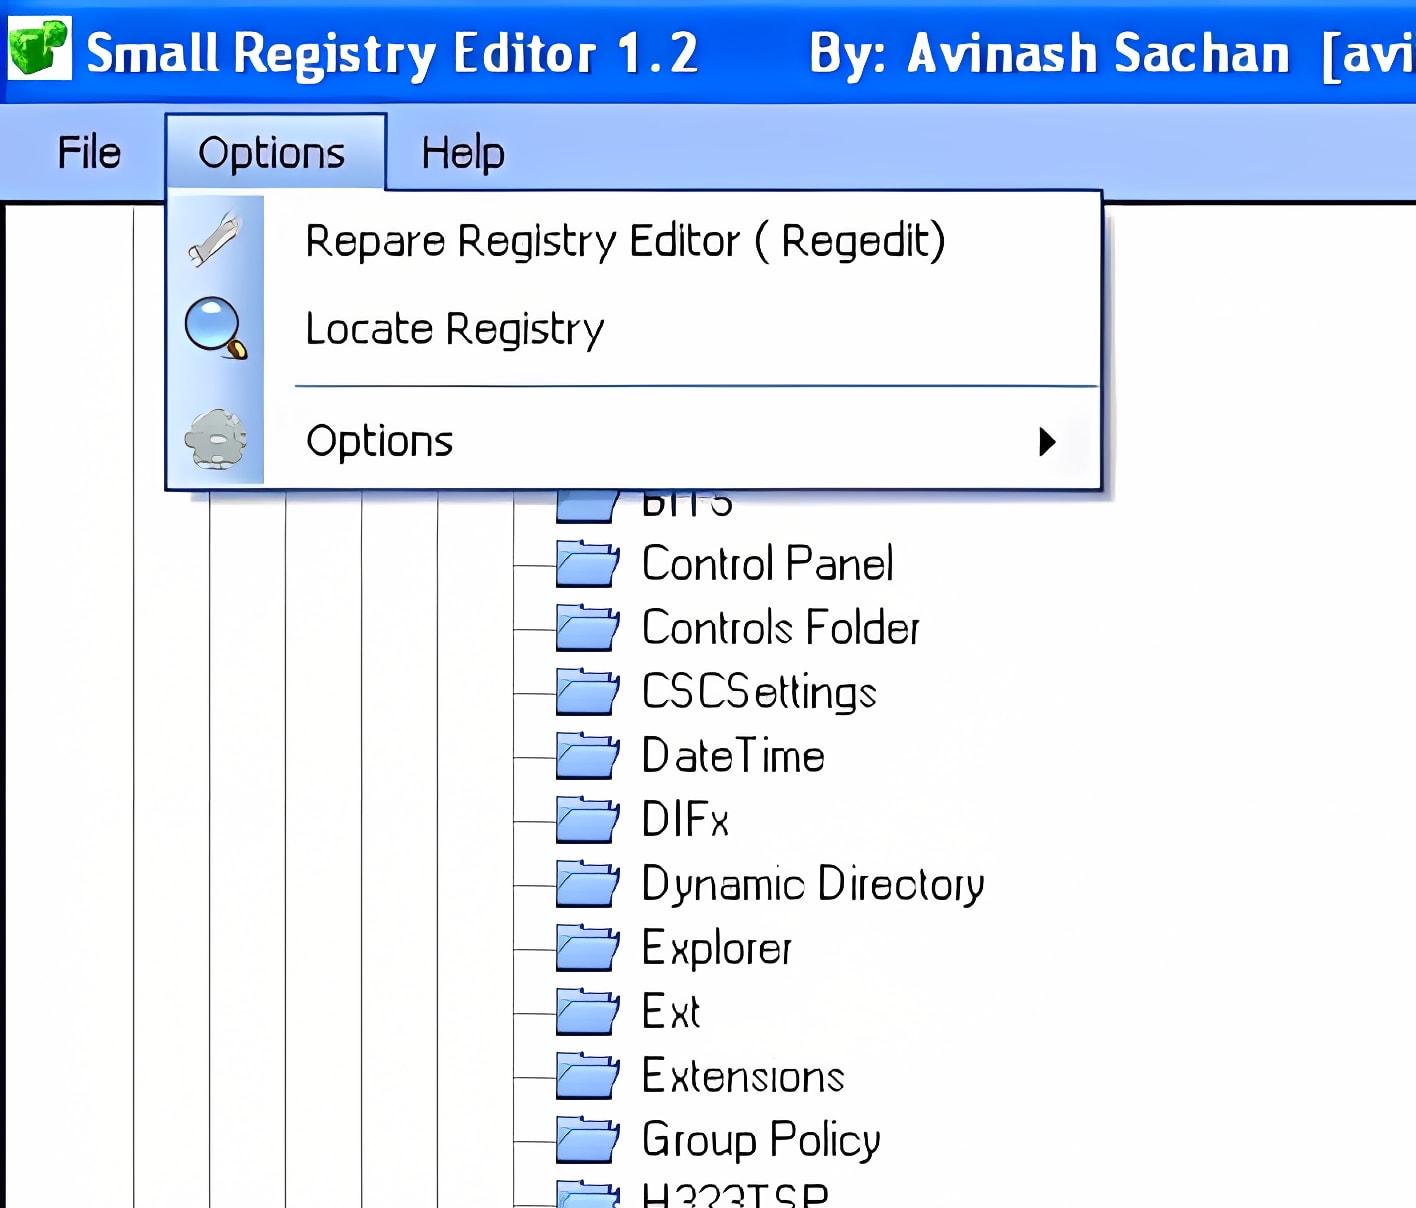 Small Registry Editor